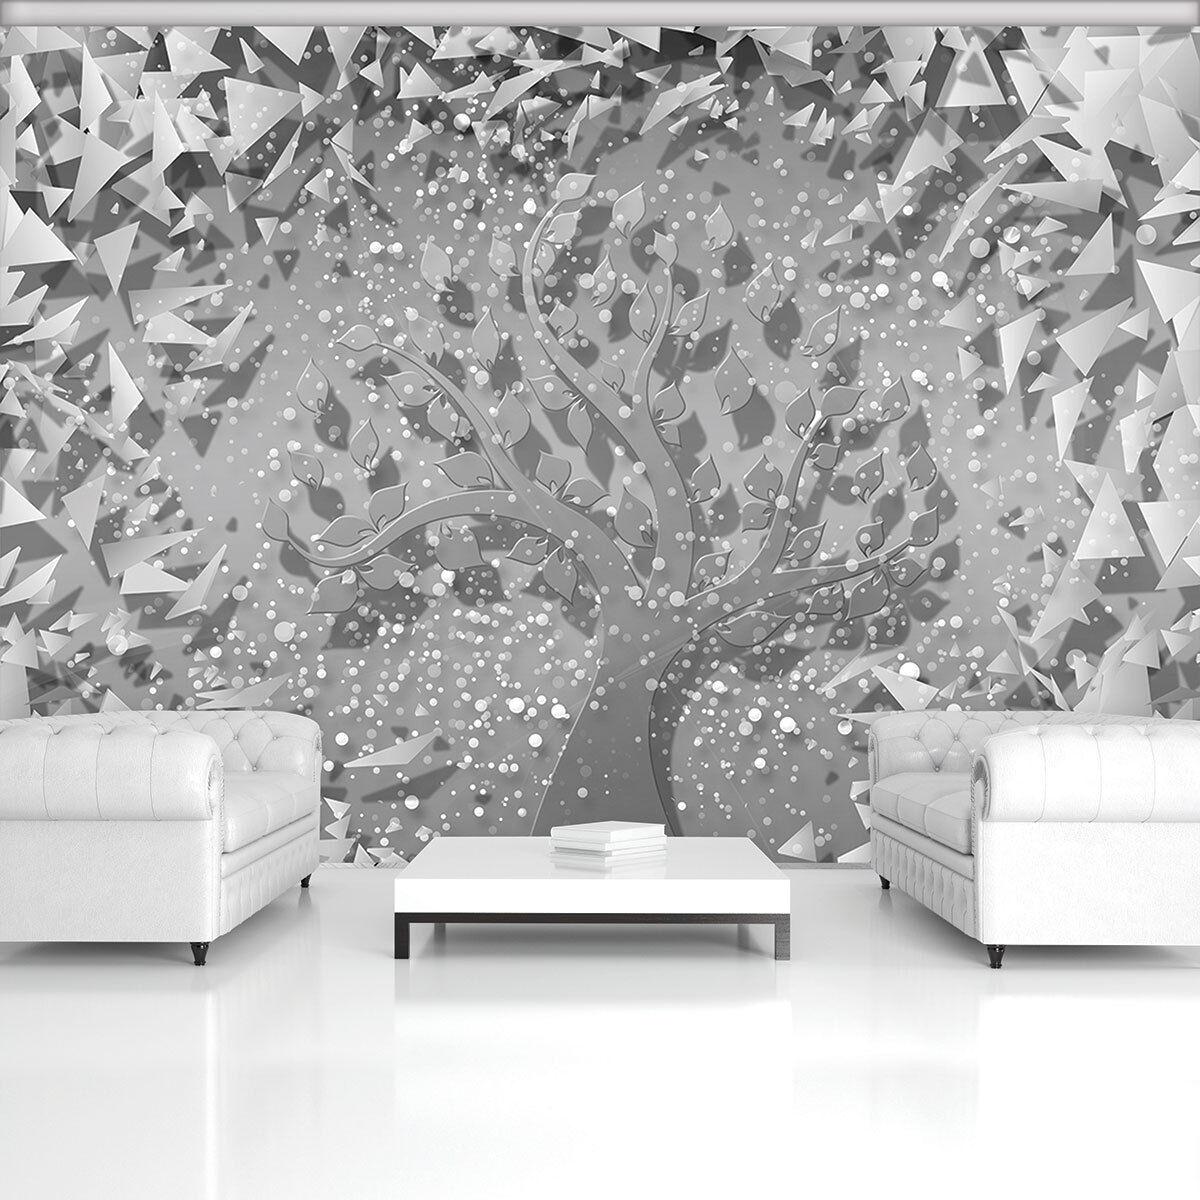 VLIES WANDBILD TAPETE FOTOTAPETE POSTER  Grau Abstraktion Silber Baum 3FX3753VE